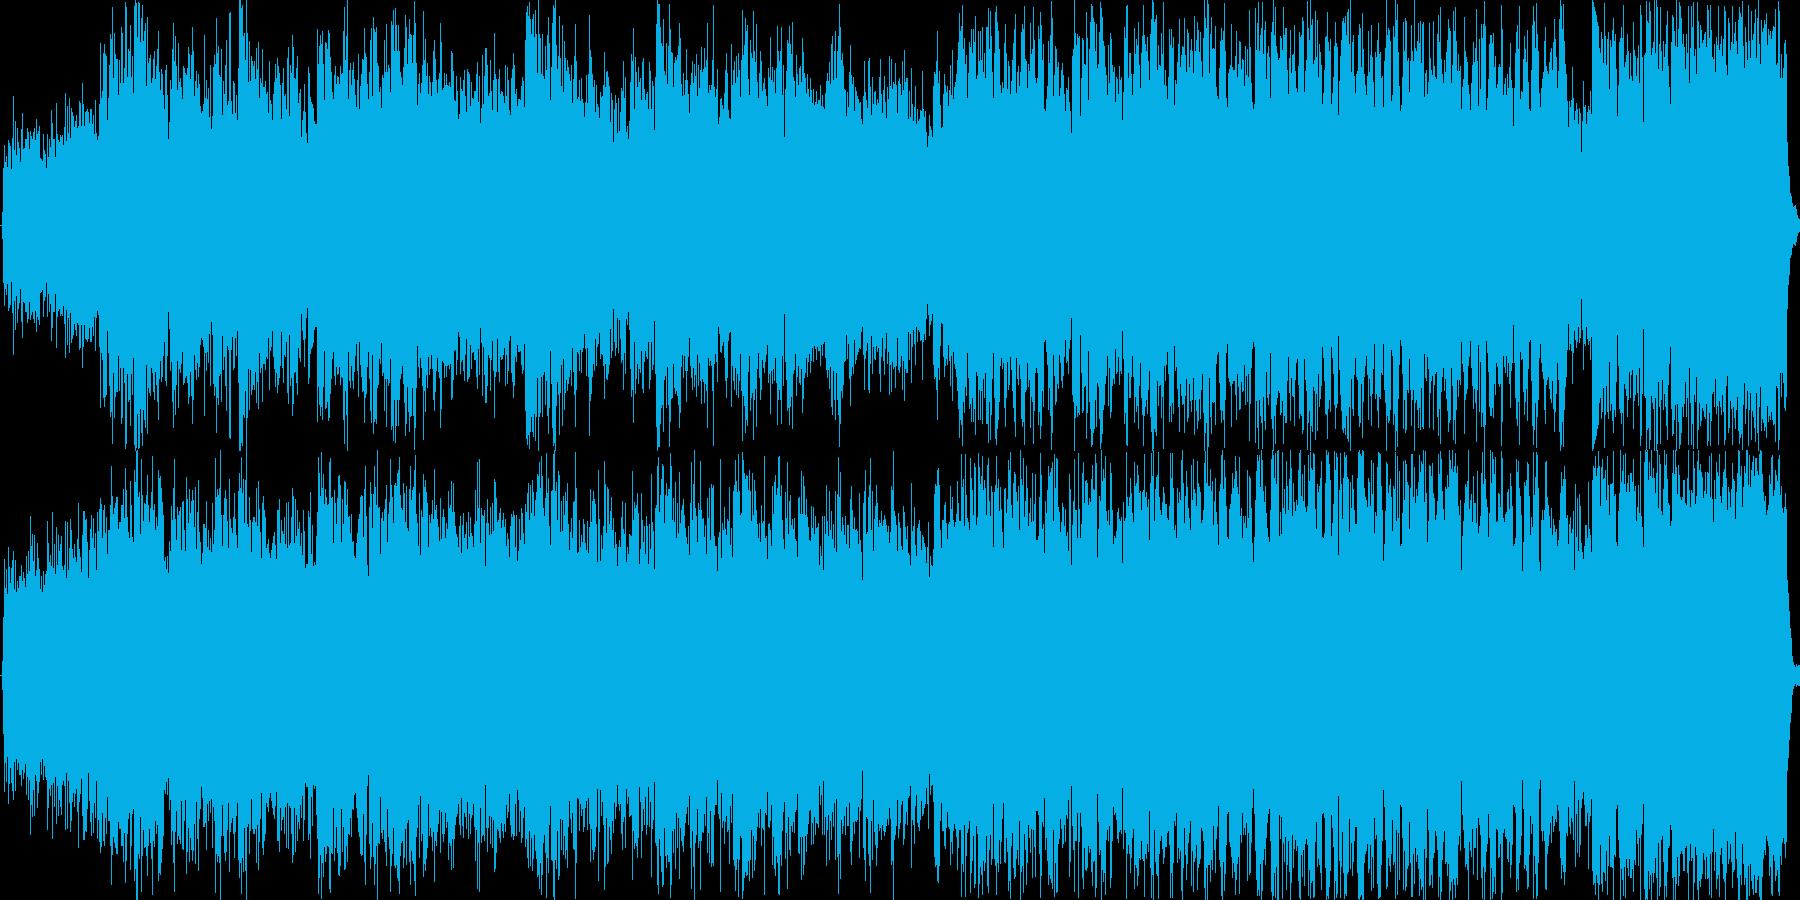 ミステリアスで神秘的な短調の曲です。の再生済みの波形